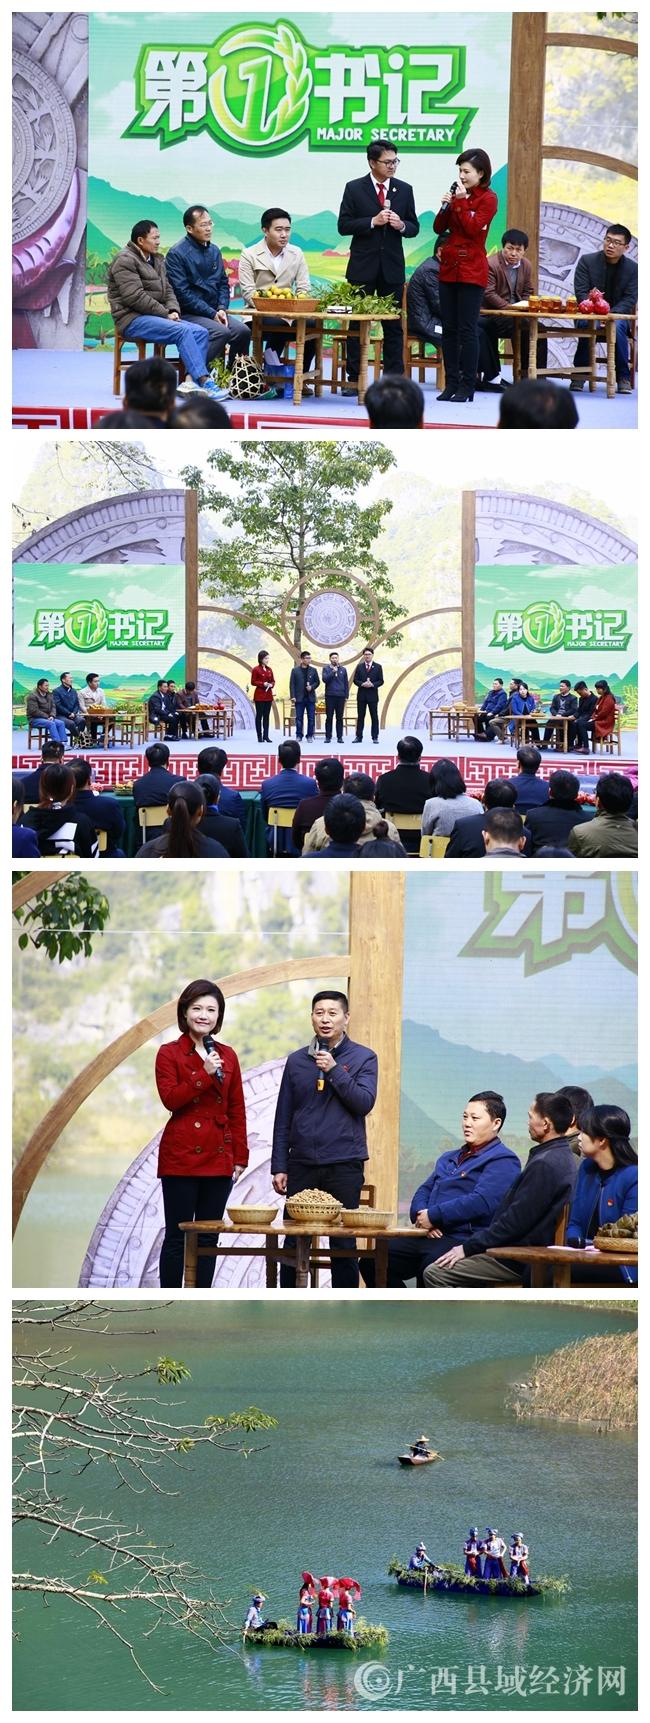 广西卫视《第一书记》栏目平果站在布镜湖景区录制.jpg